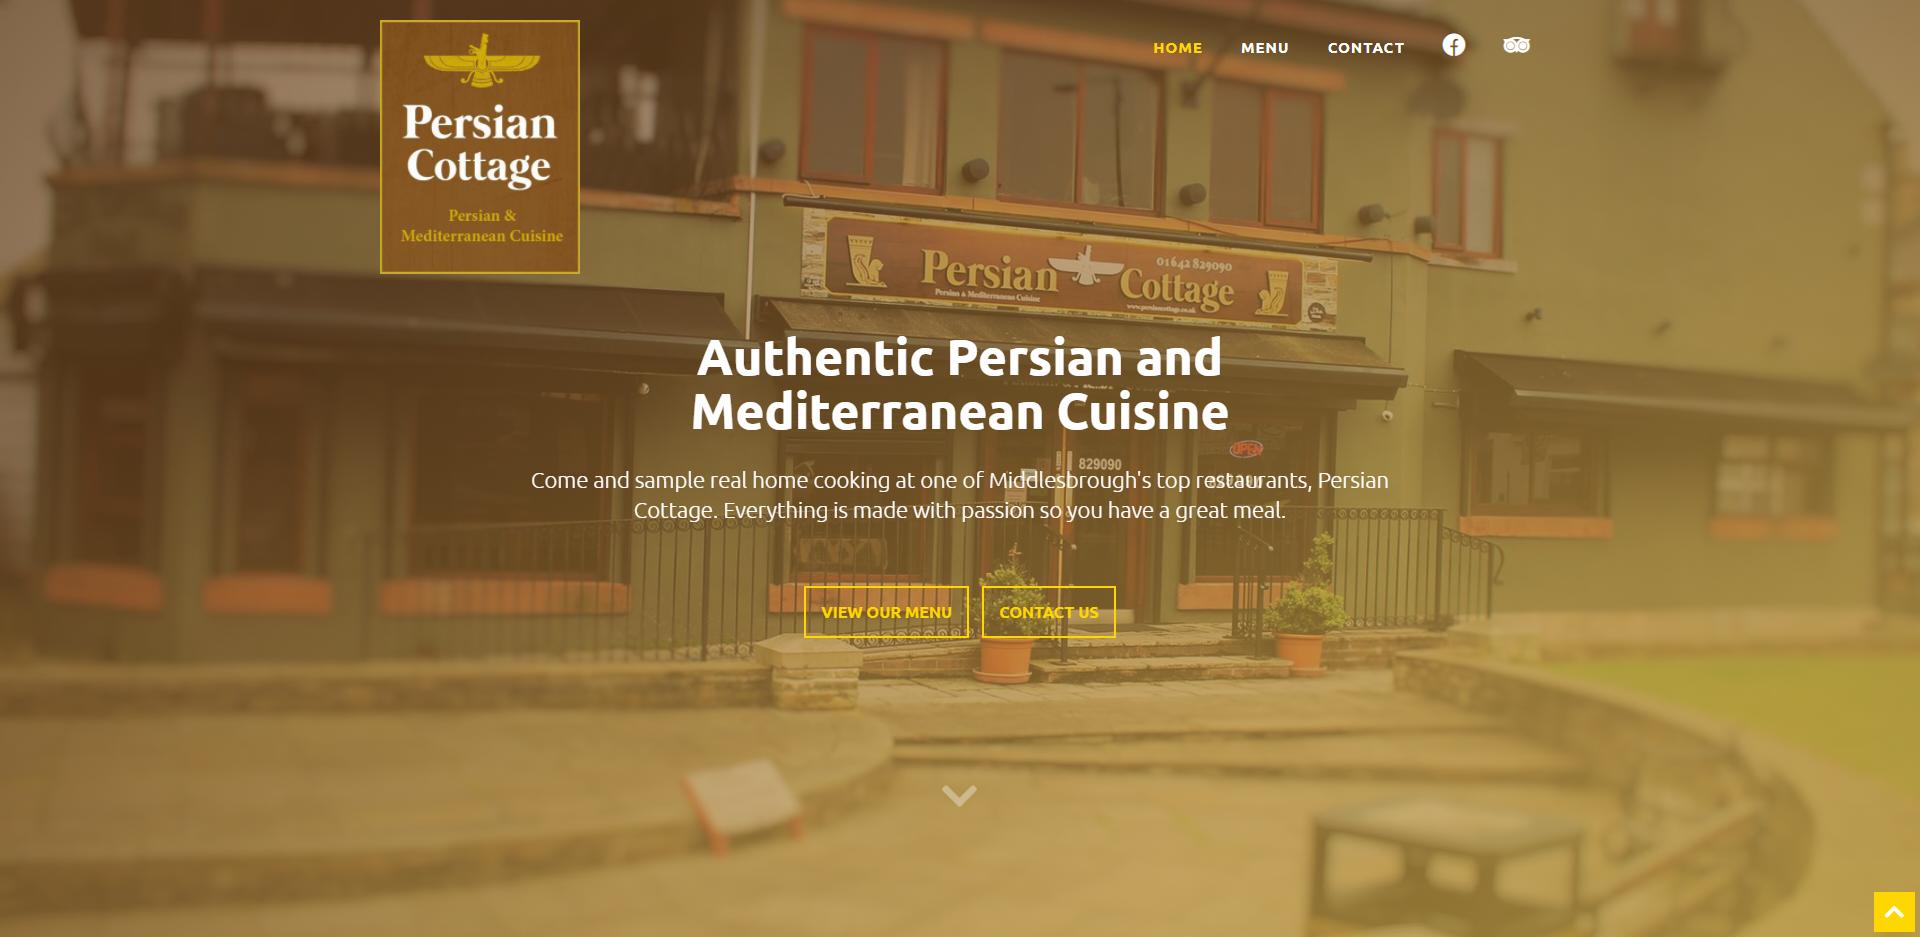 Persian Cottage Mediterranean Cuisine